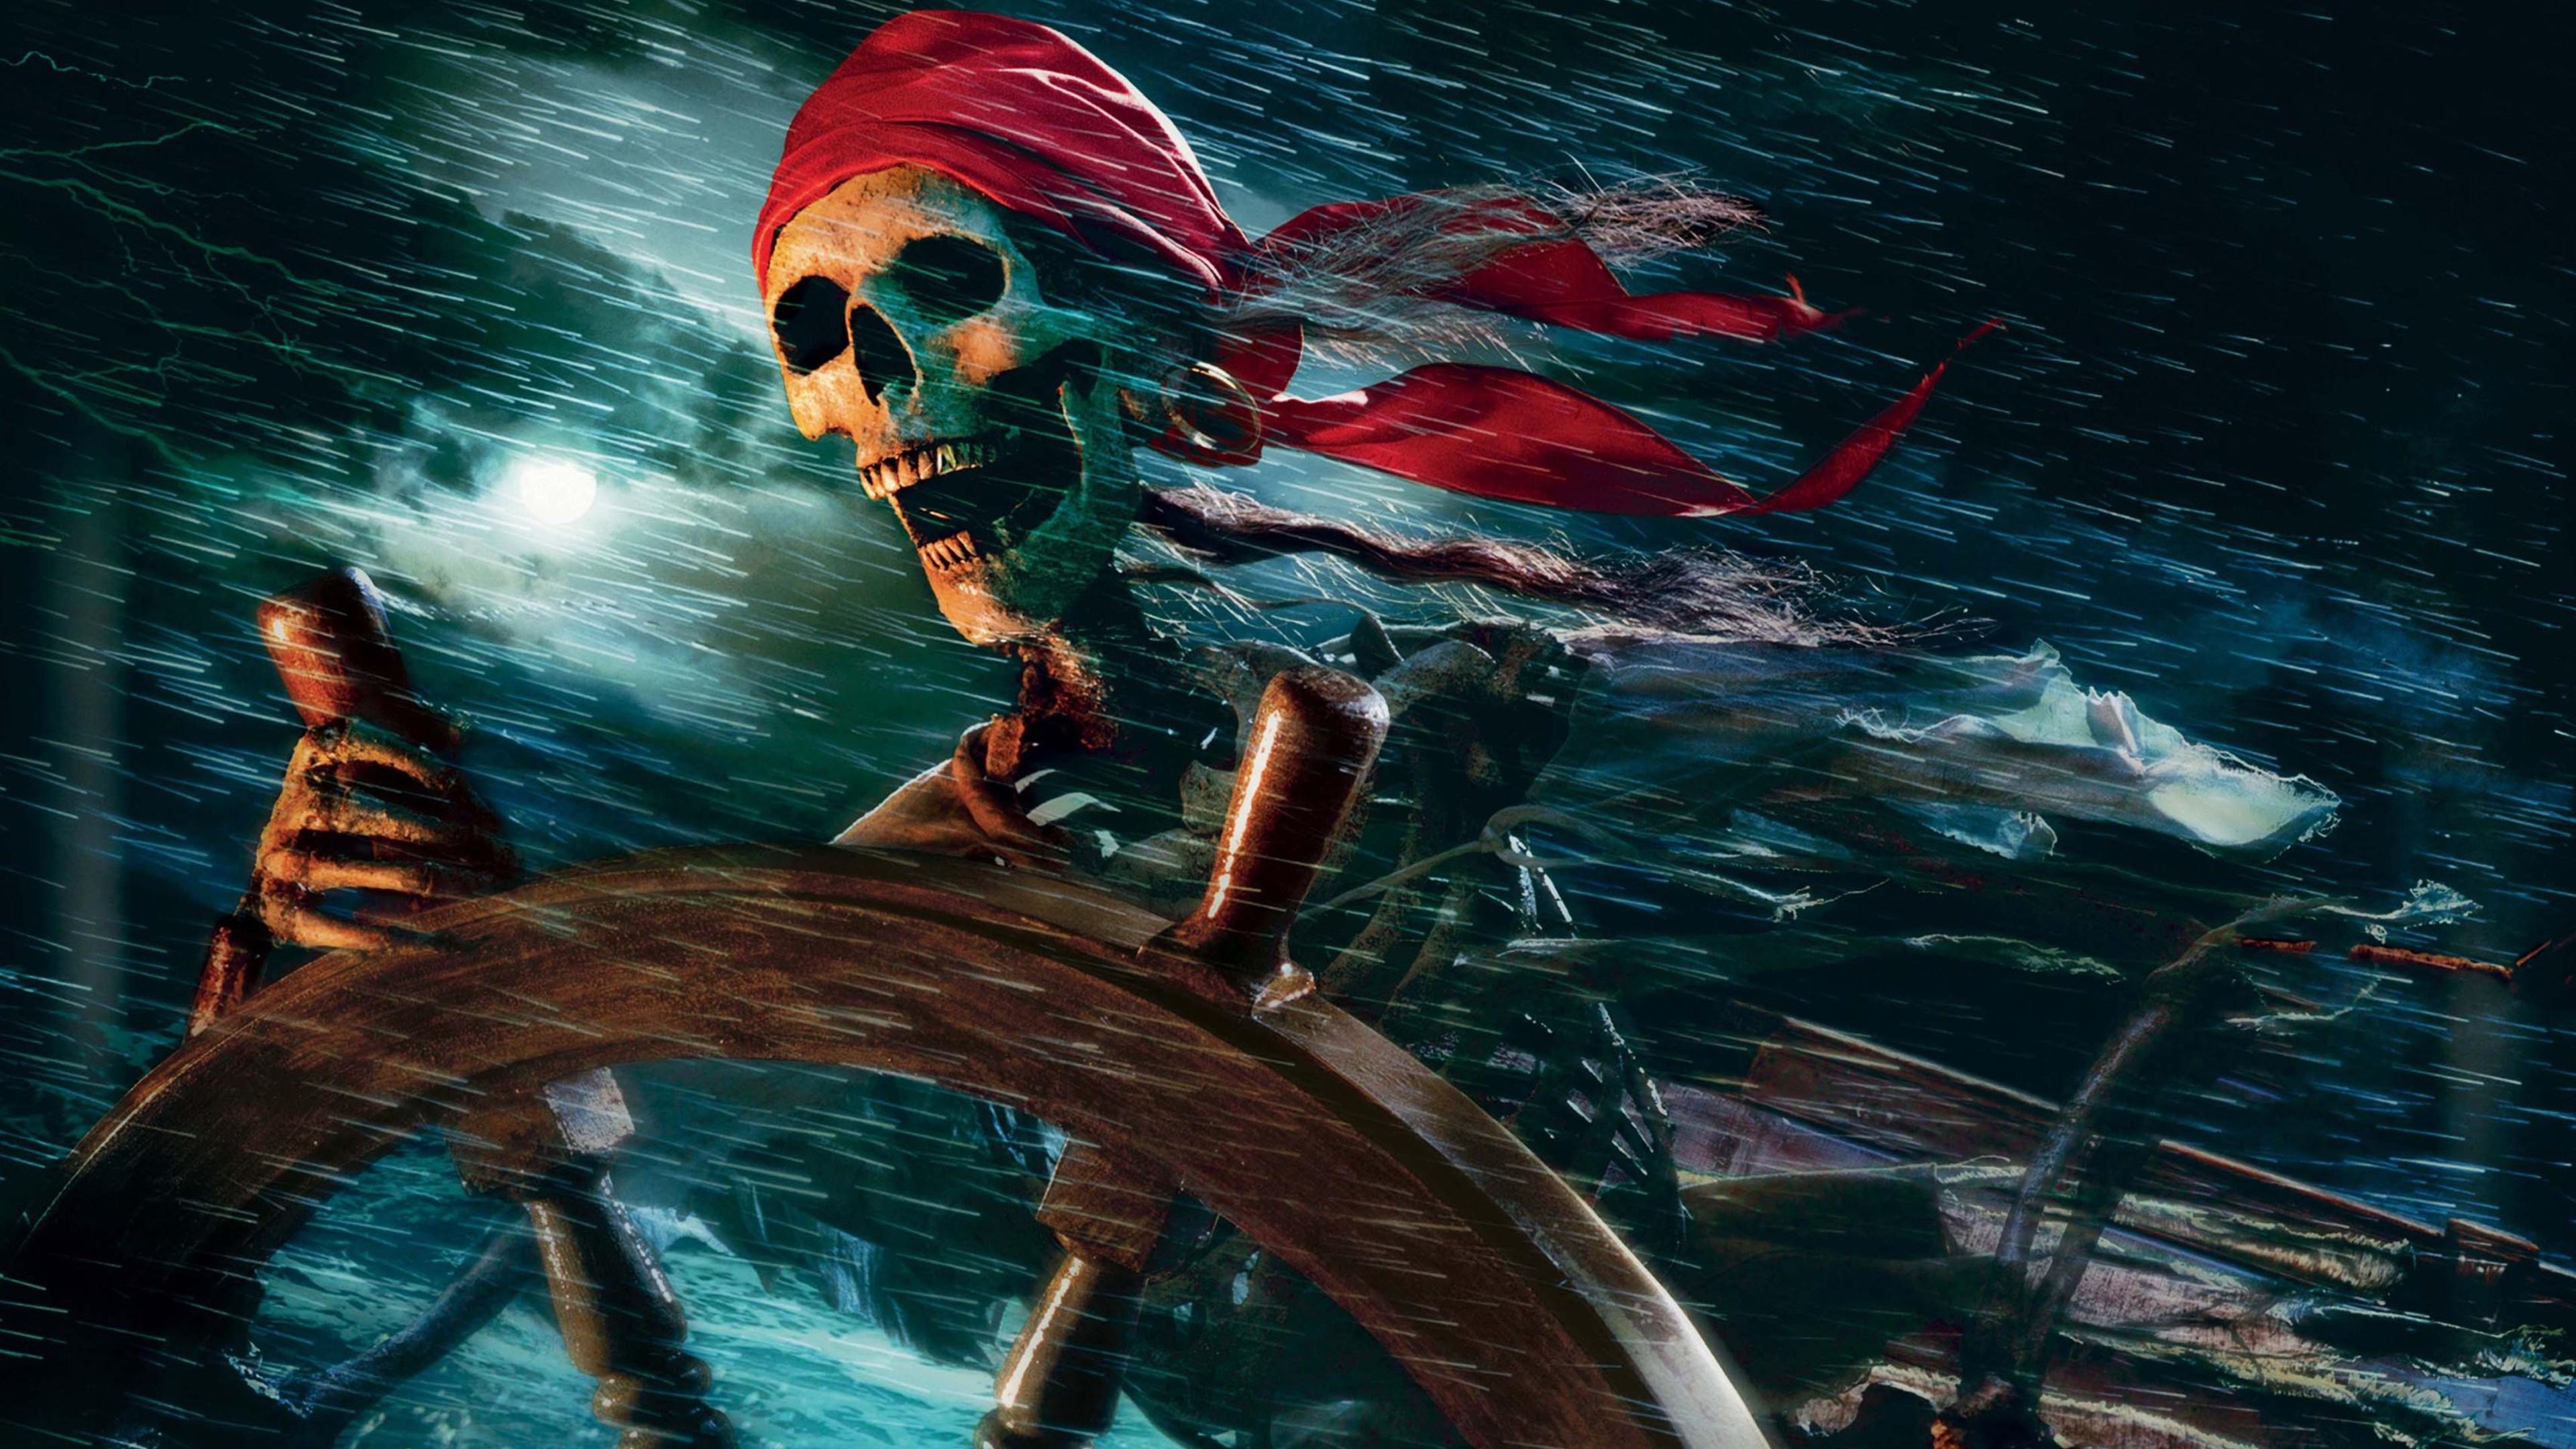 Pirate Cartoons, HD Cartoons, 4k Wallpapers, Images ...